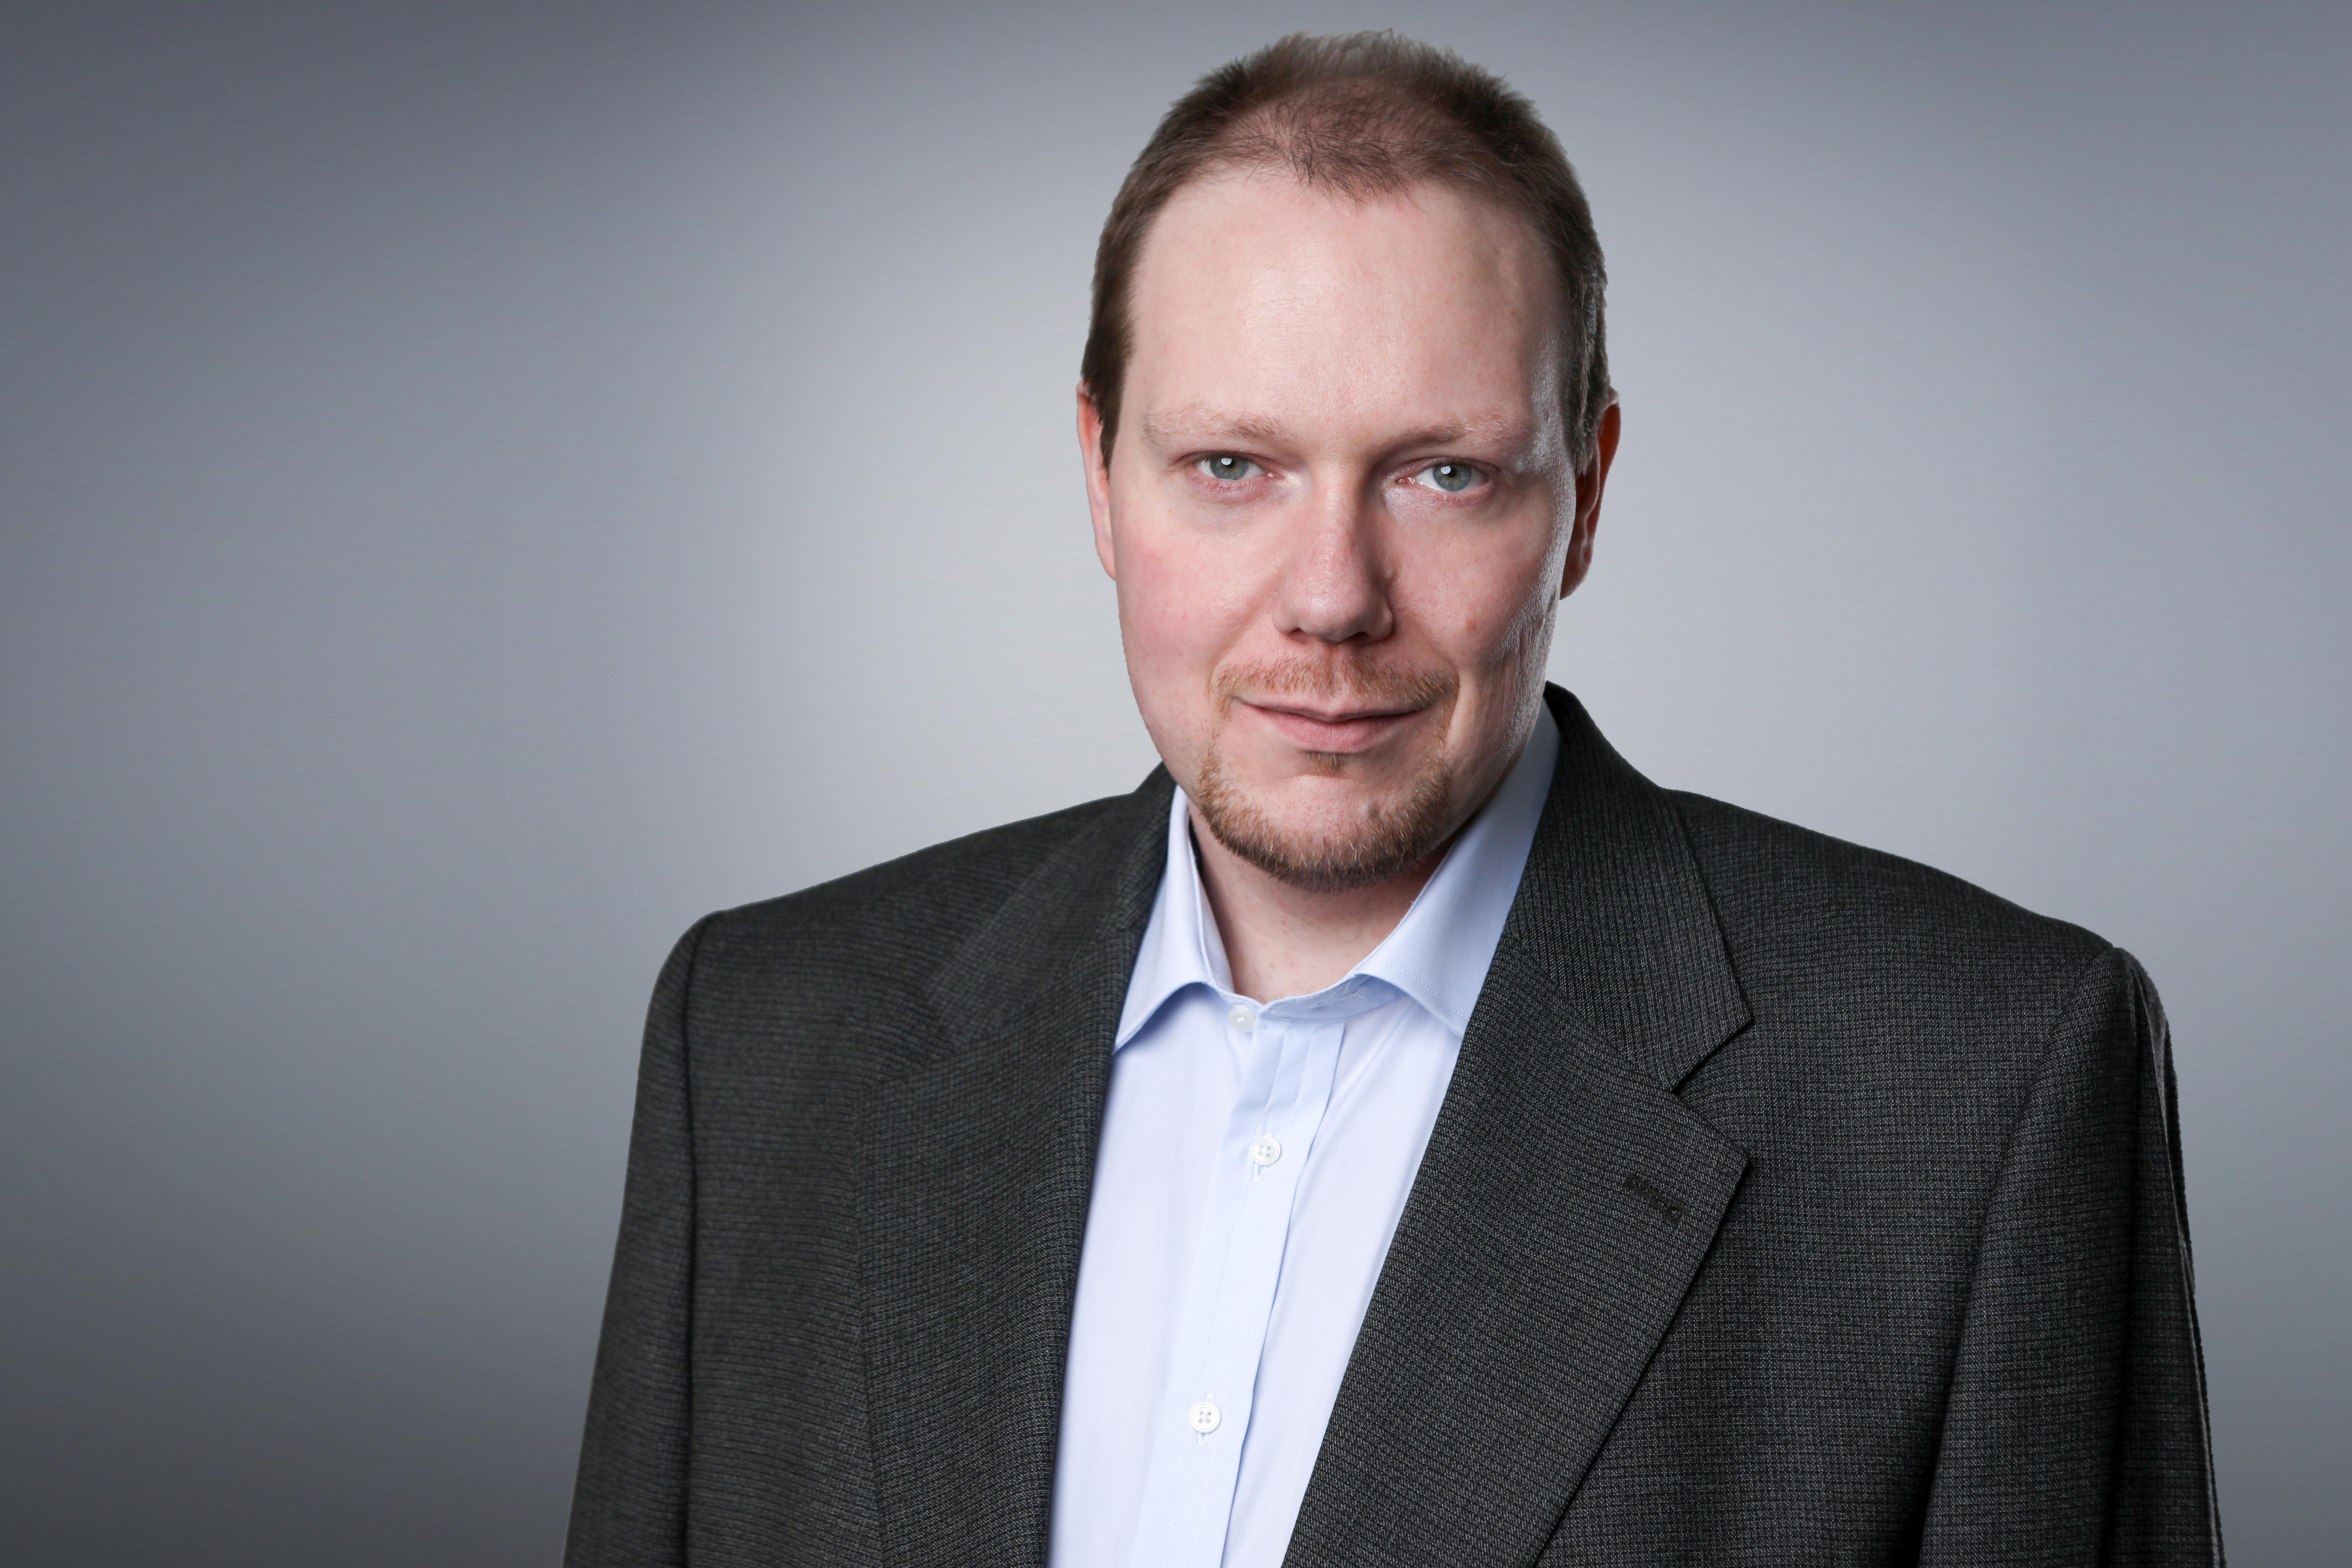 Florian Seifert